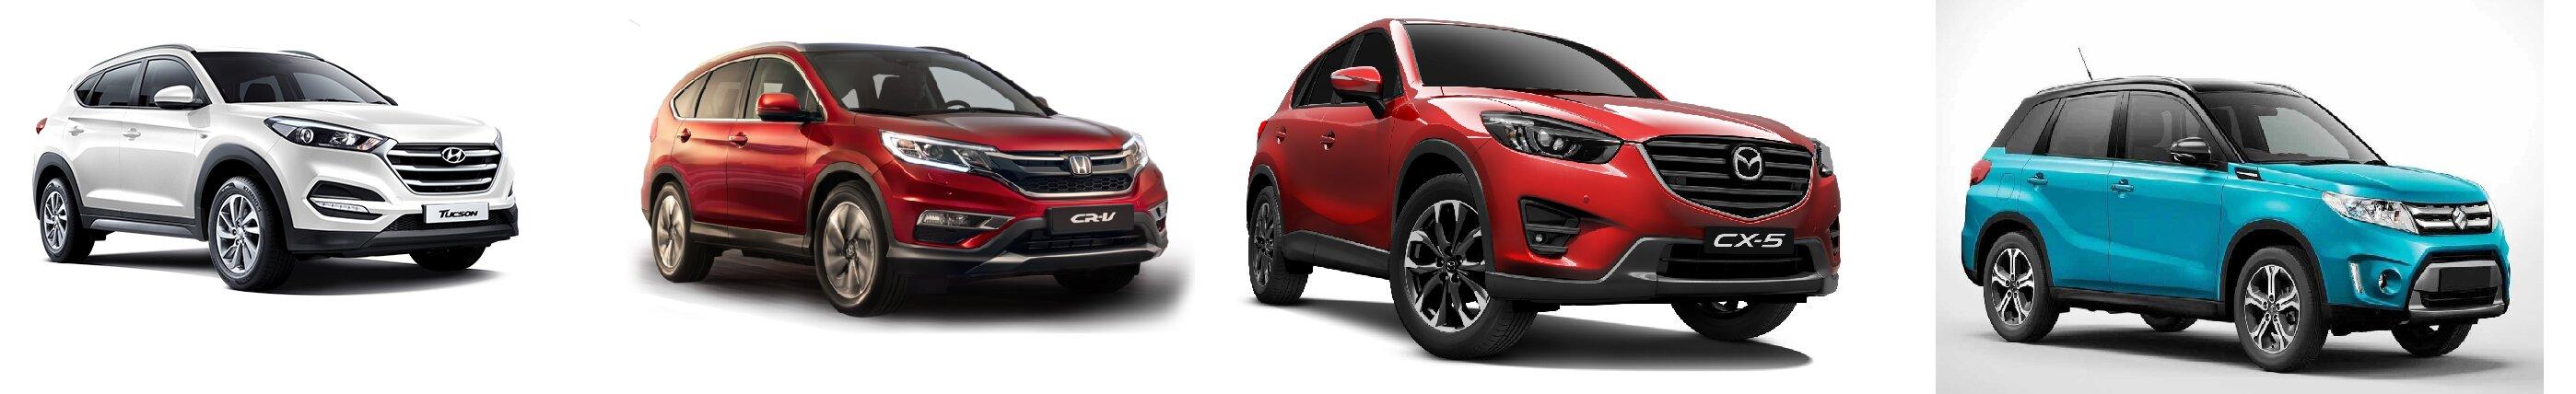 So sánh 4 mẫu xe crossover được yêu thích nhất trên thị trường Việt Nam